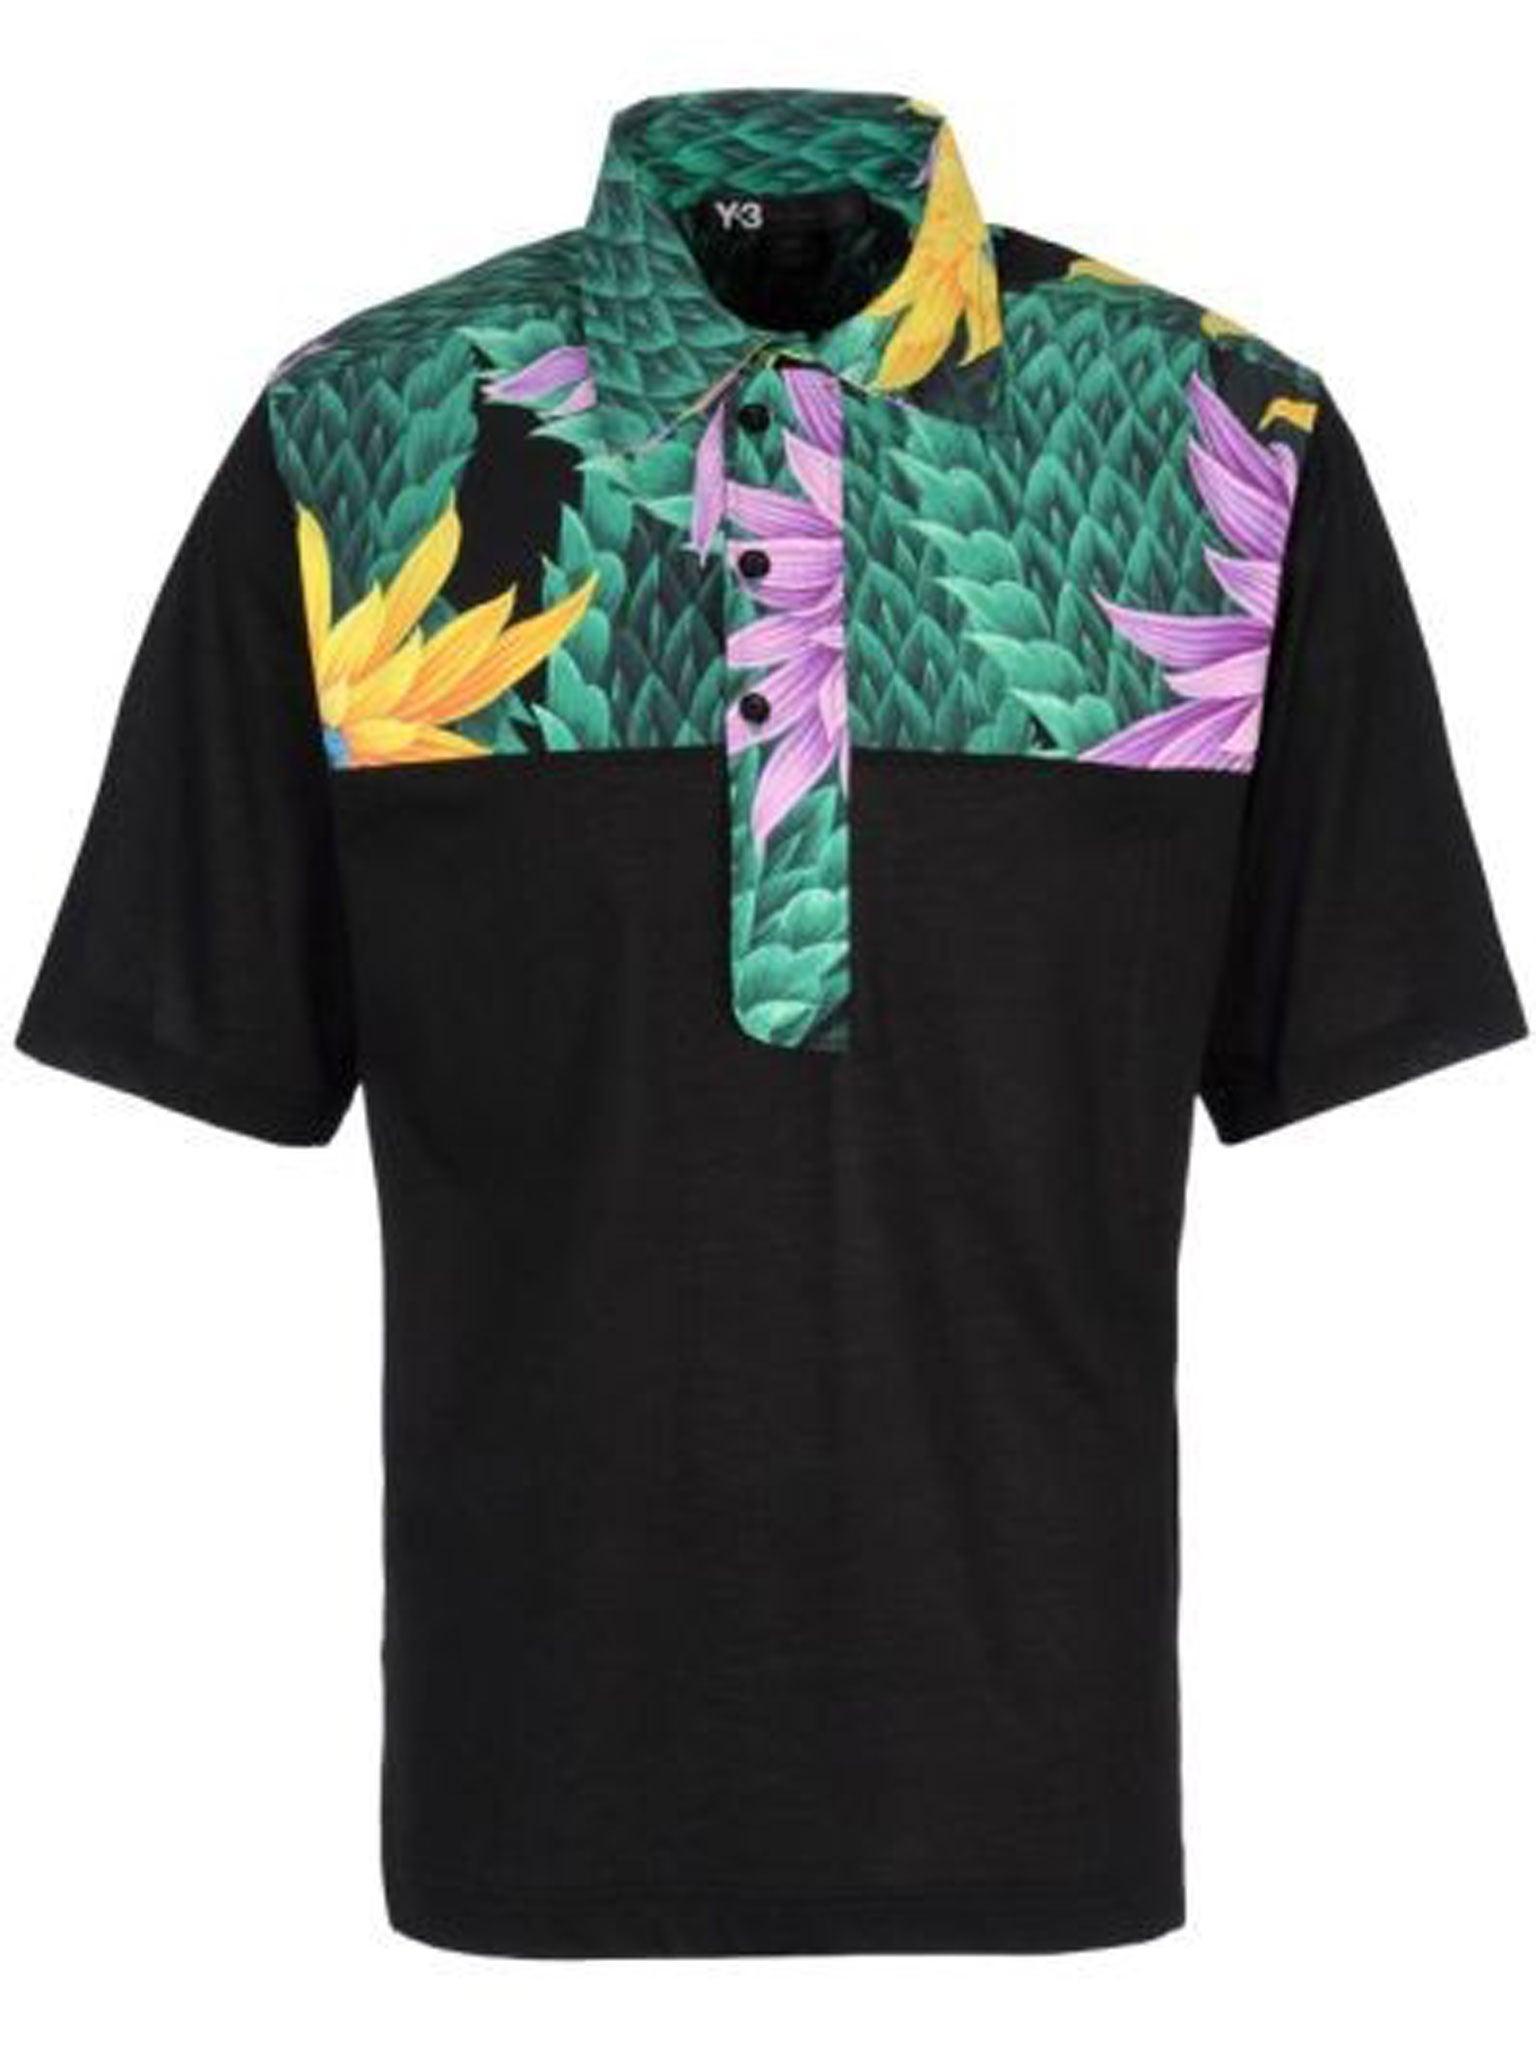 d5de88395 The 10 best polo shirts